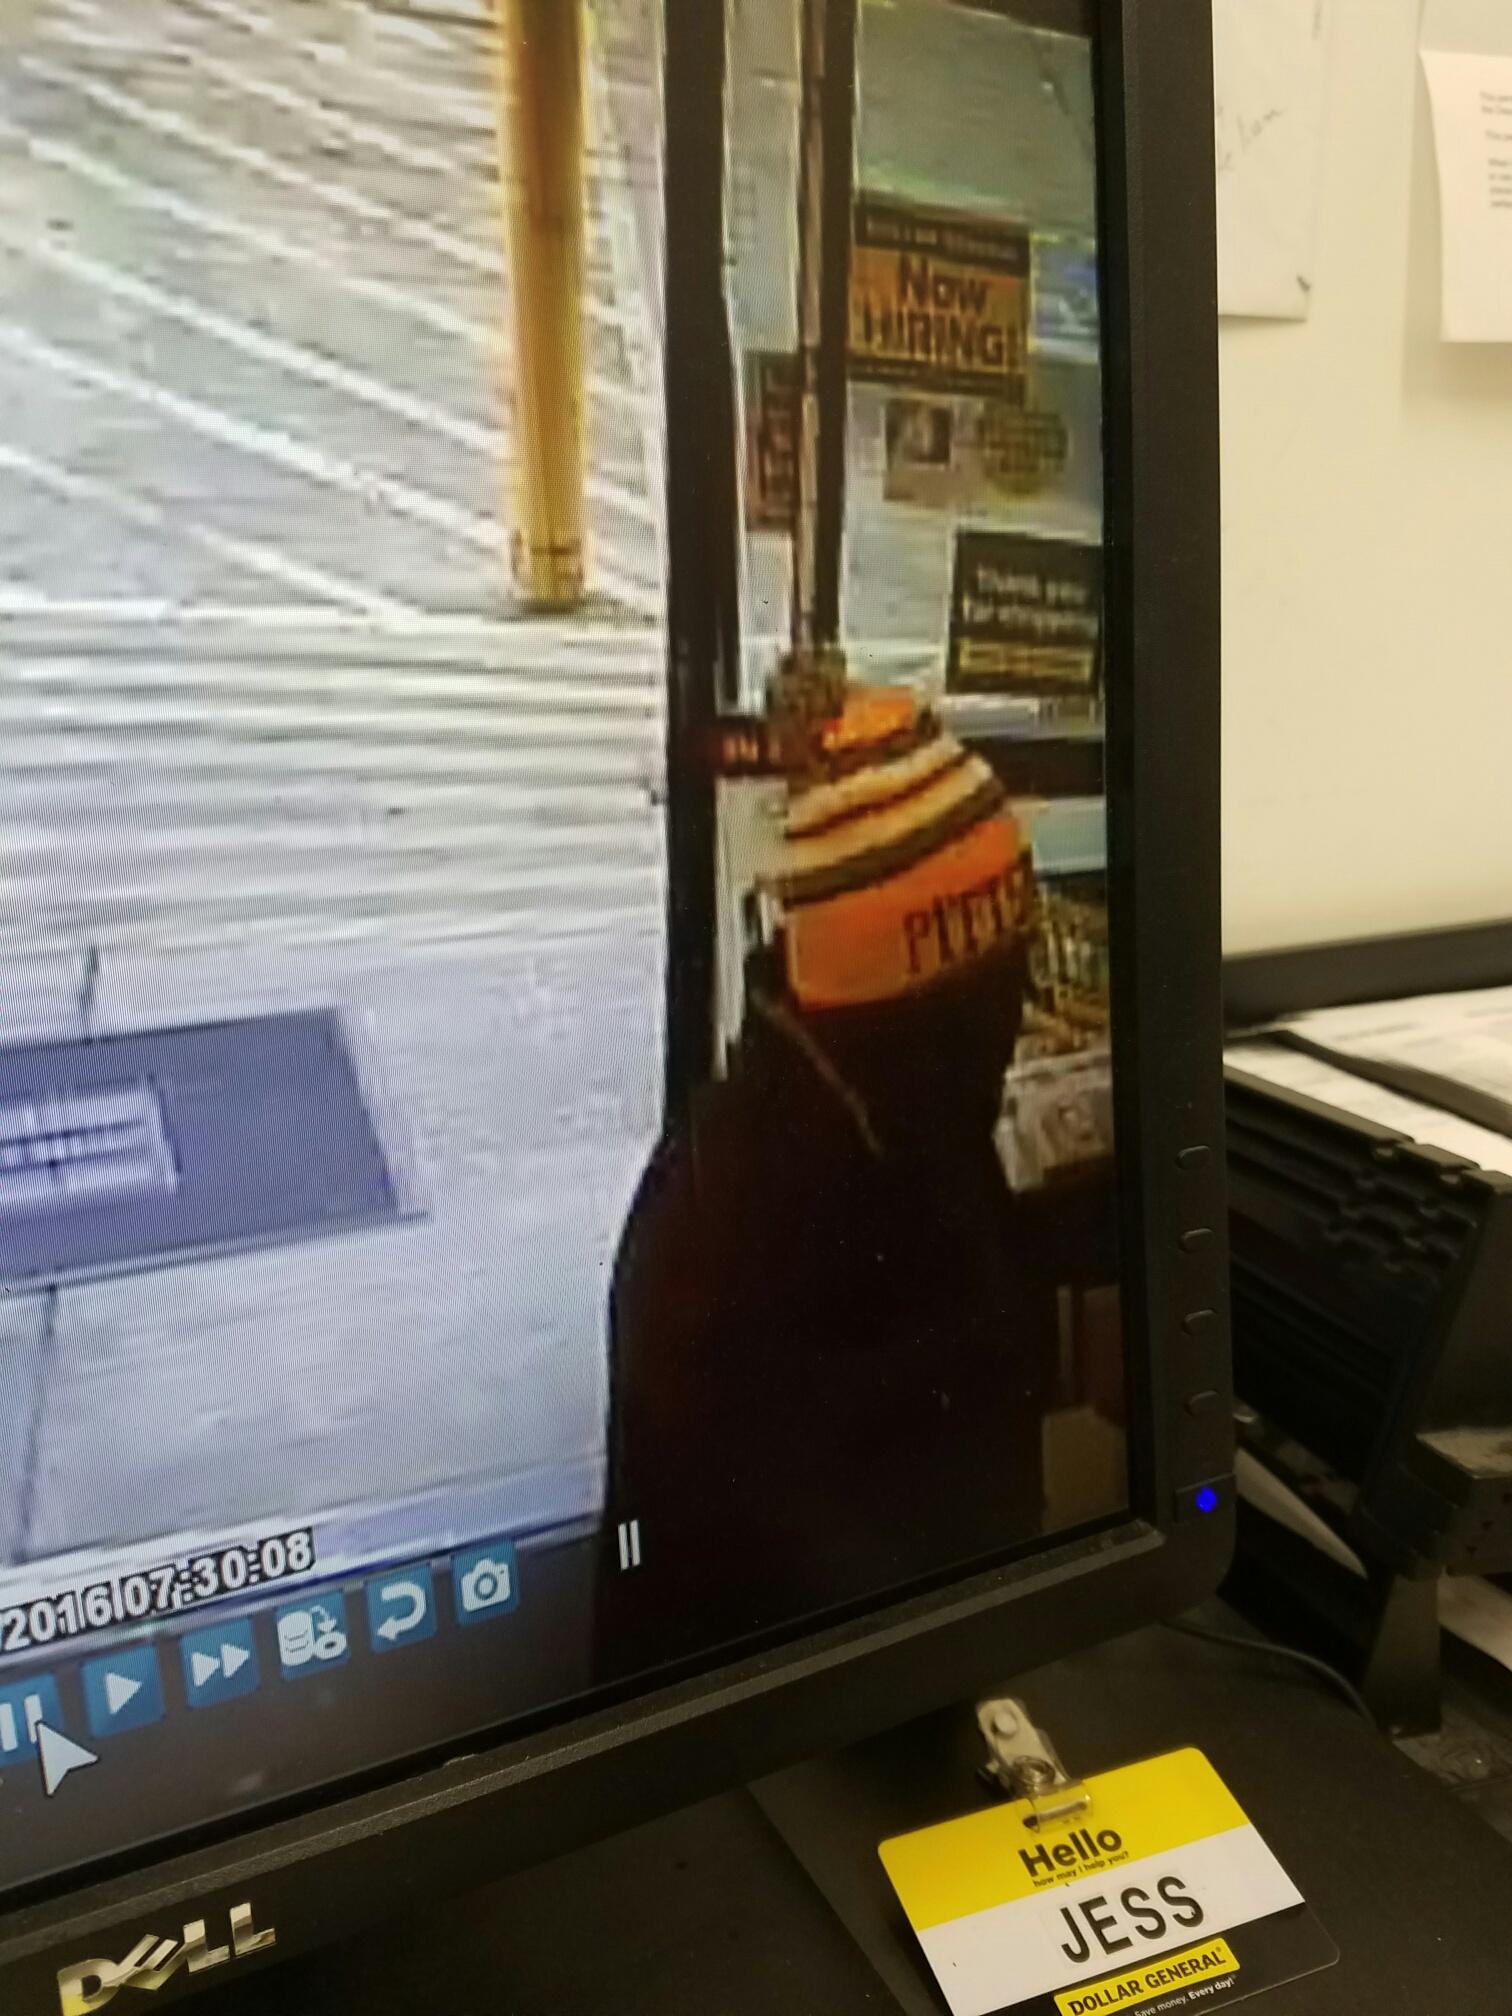 robbery-suspect